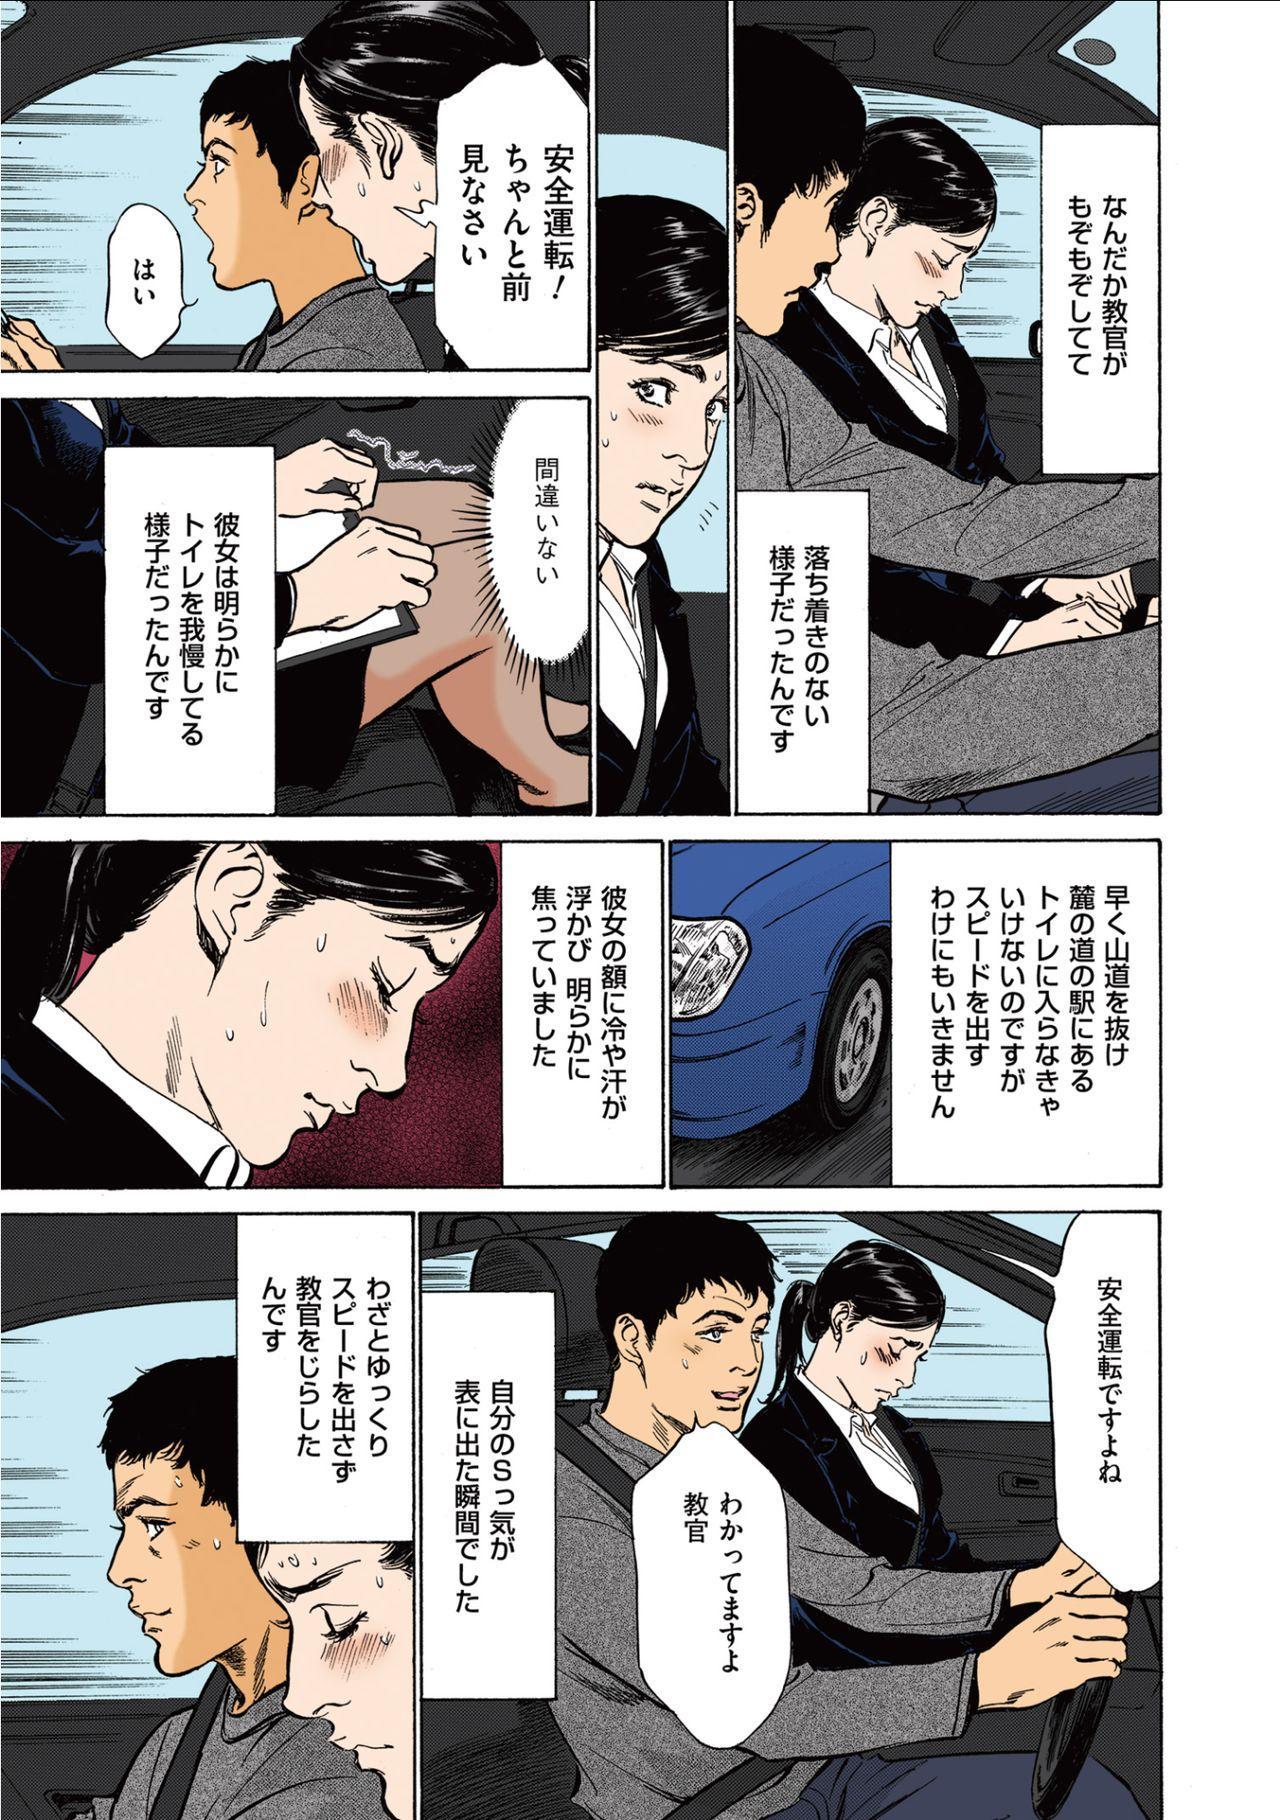 [Hazuki Kaoru] Hazuki Kaoru no Tamaranai Hanashi (Full Color Version) 1-2 10